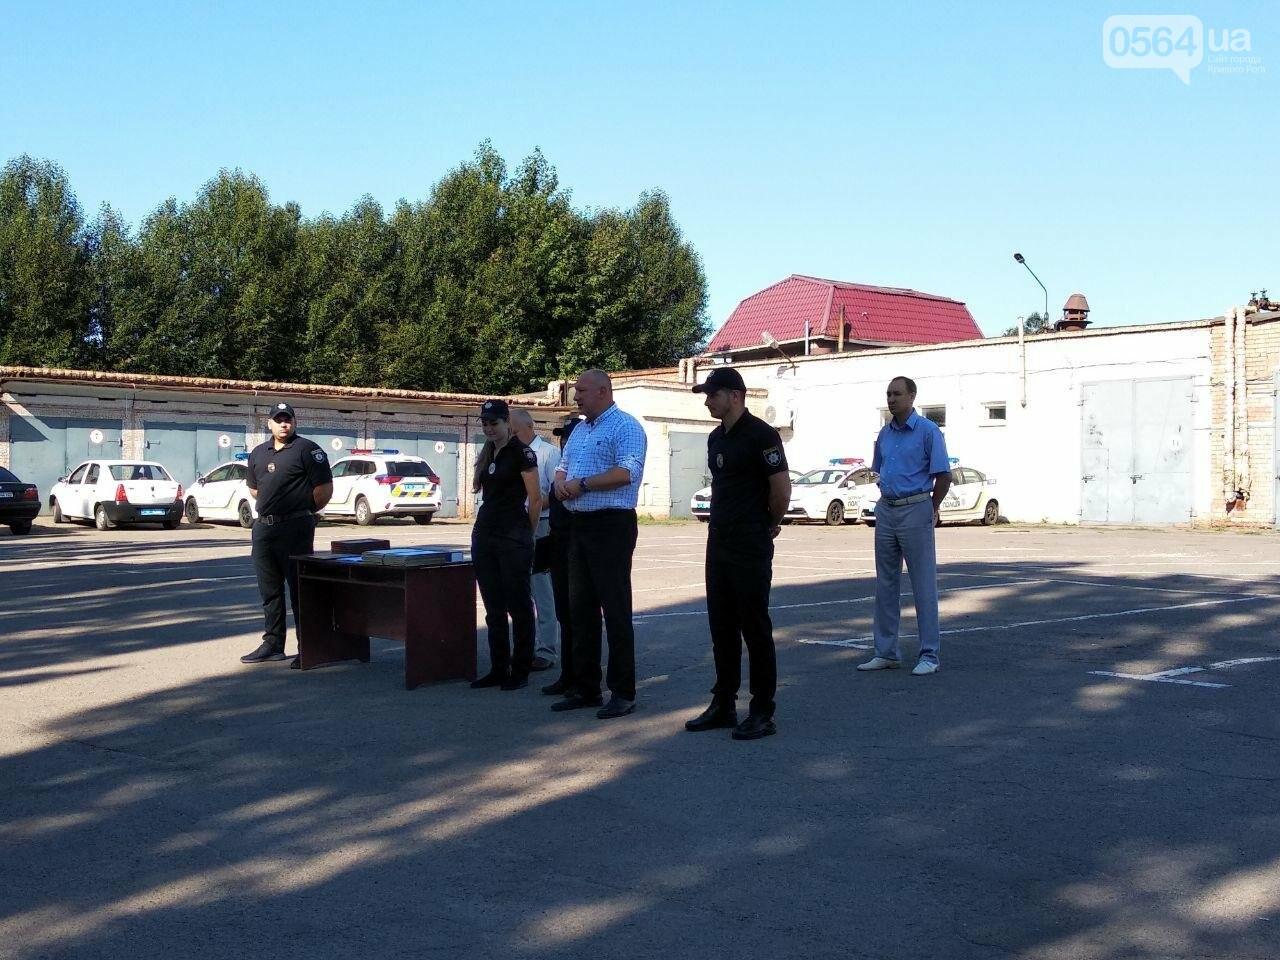 В Кривом Роге наградили патрульных за добросовестное выполнение служебных обязанностей, - ФОТО, фото-1